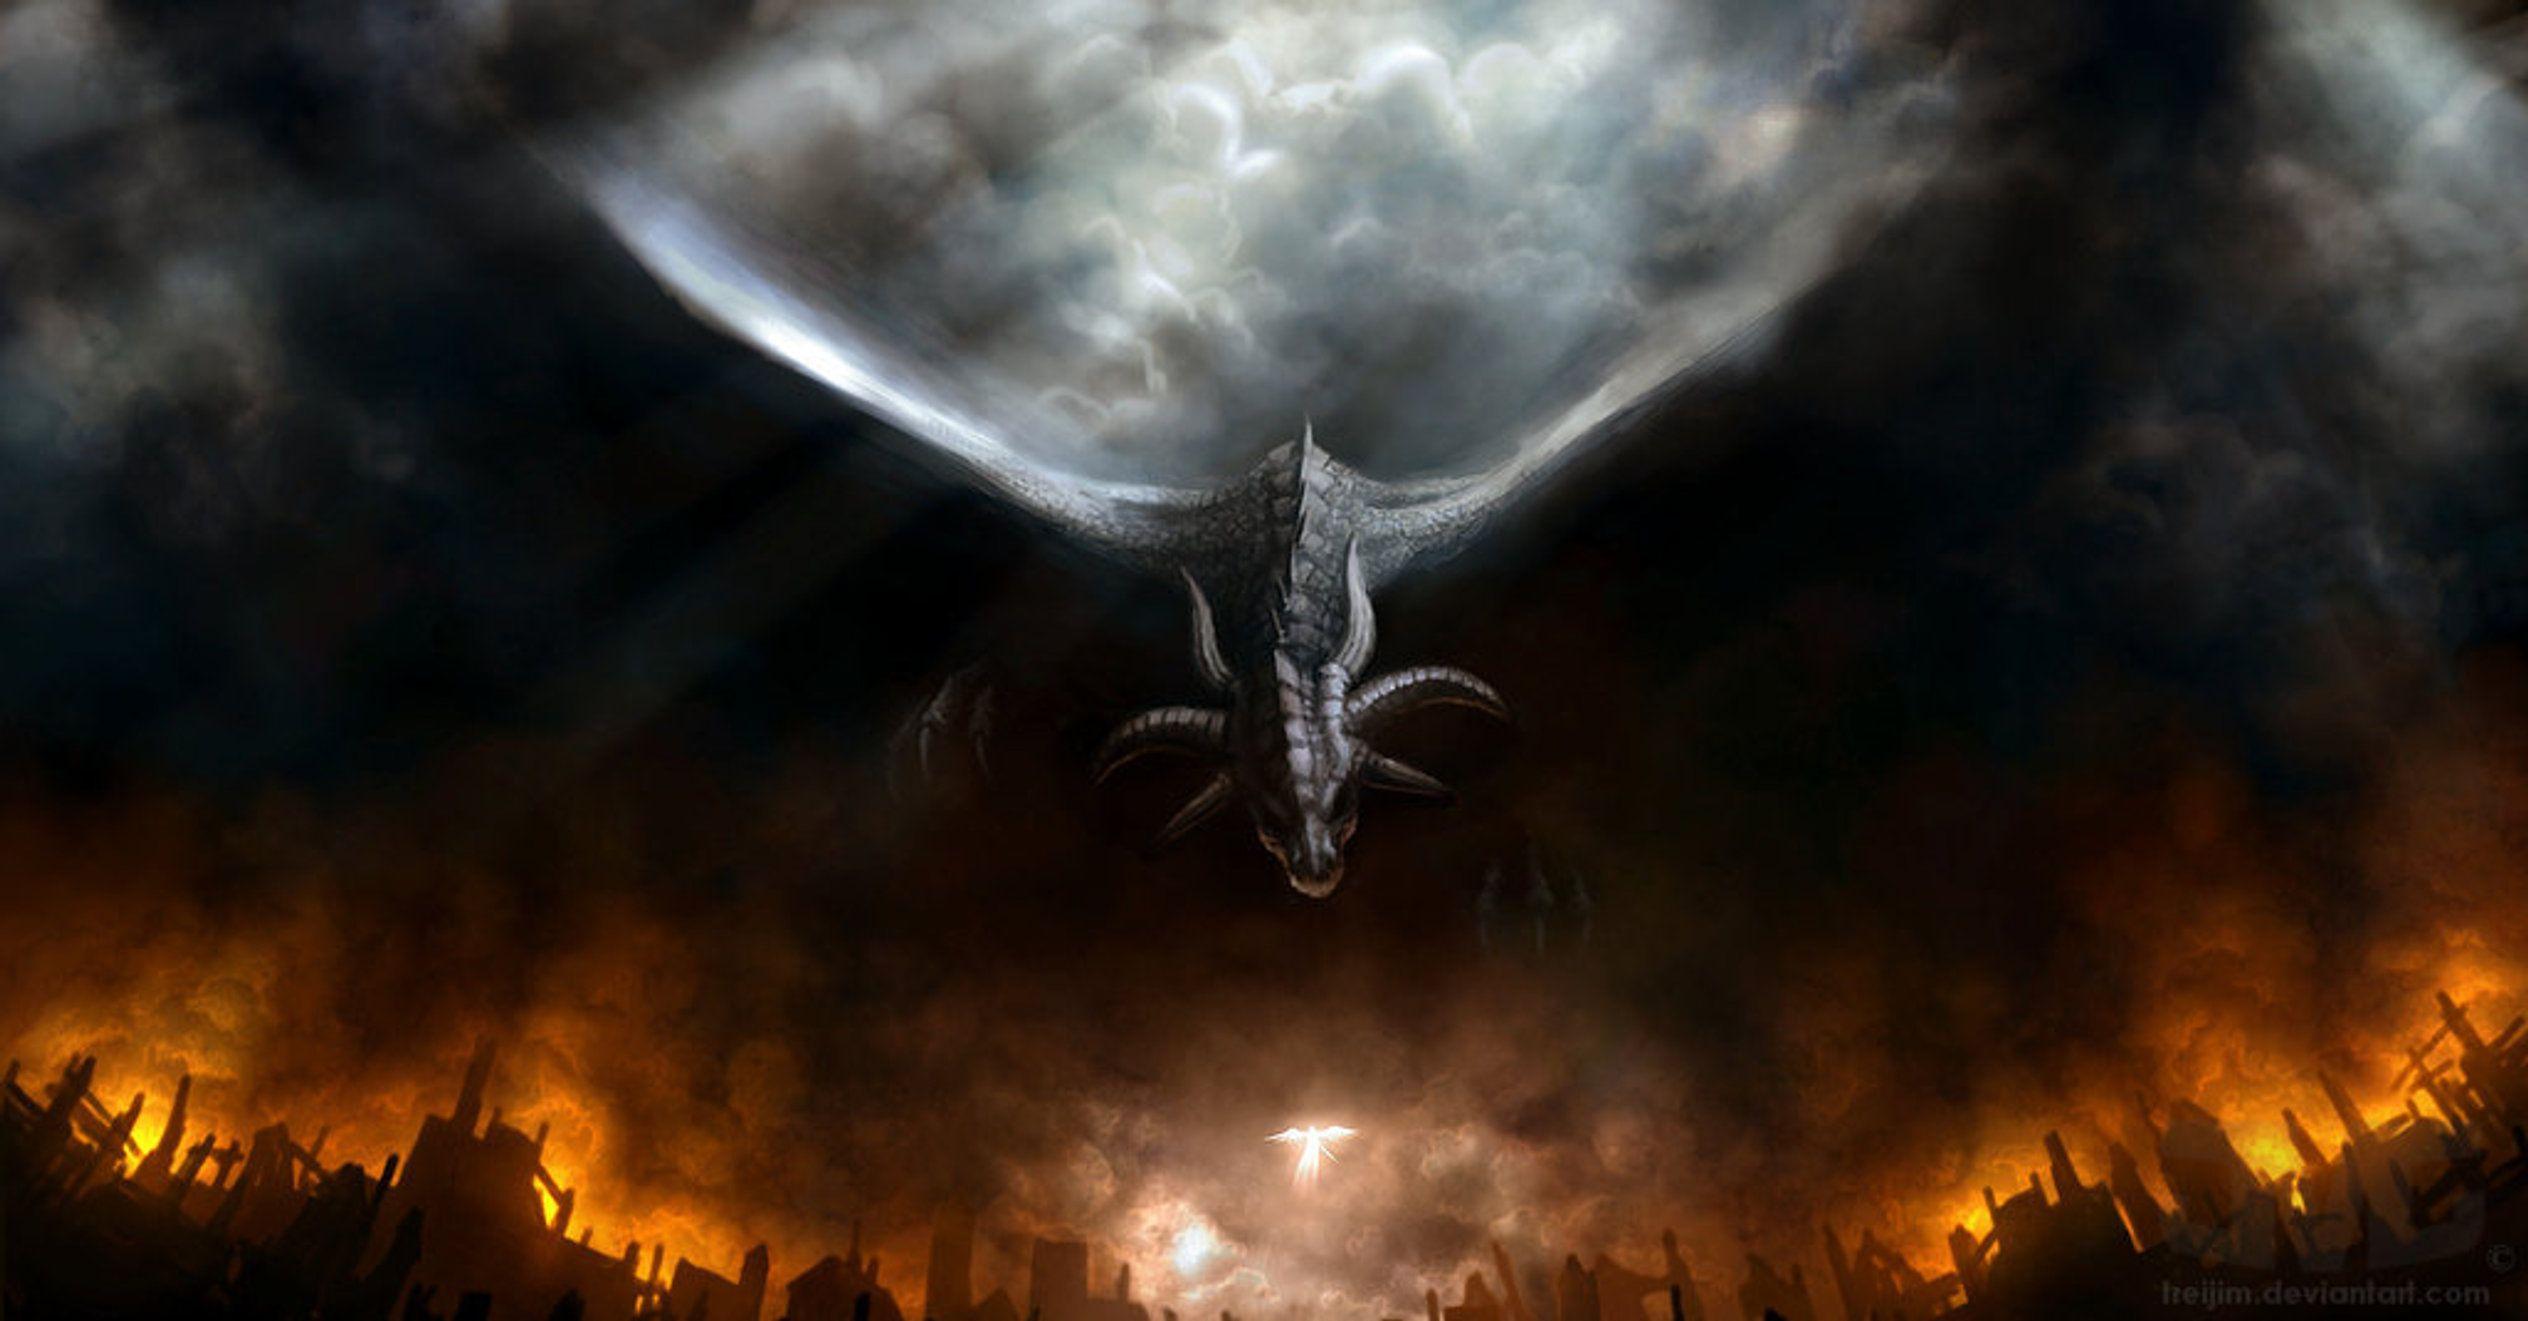 dragon wallpaper 2528x1321 dragon pinterest black